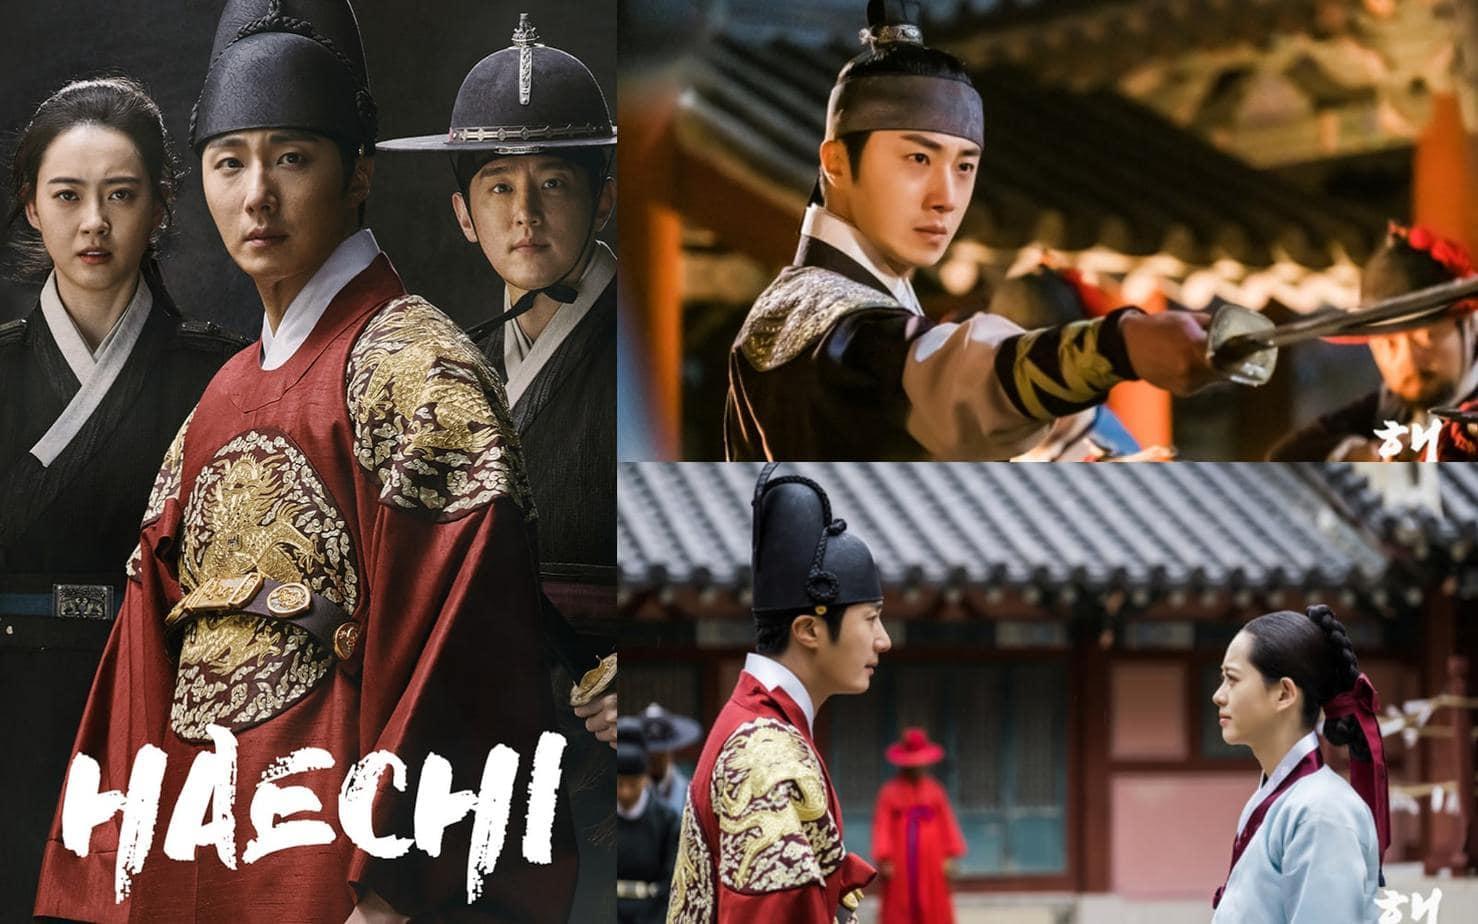 15 ซีรี่ย์เกาหลีพระเอกเป็นรัชทายาท/พระราชา ที่ไม่ควรพลาด!